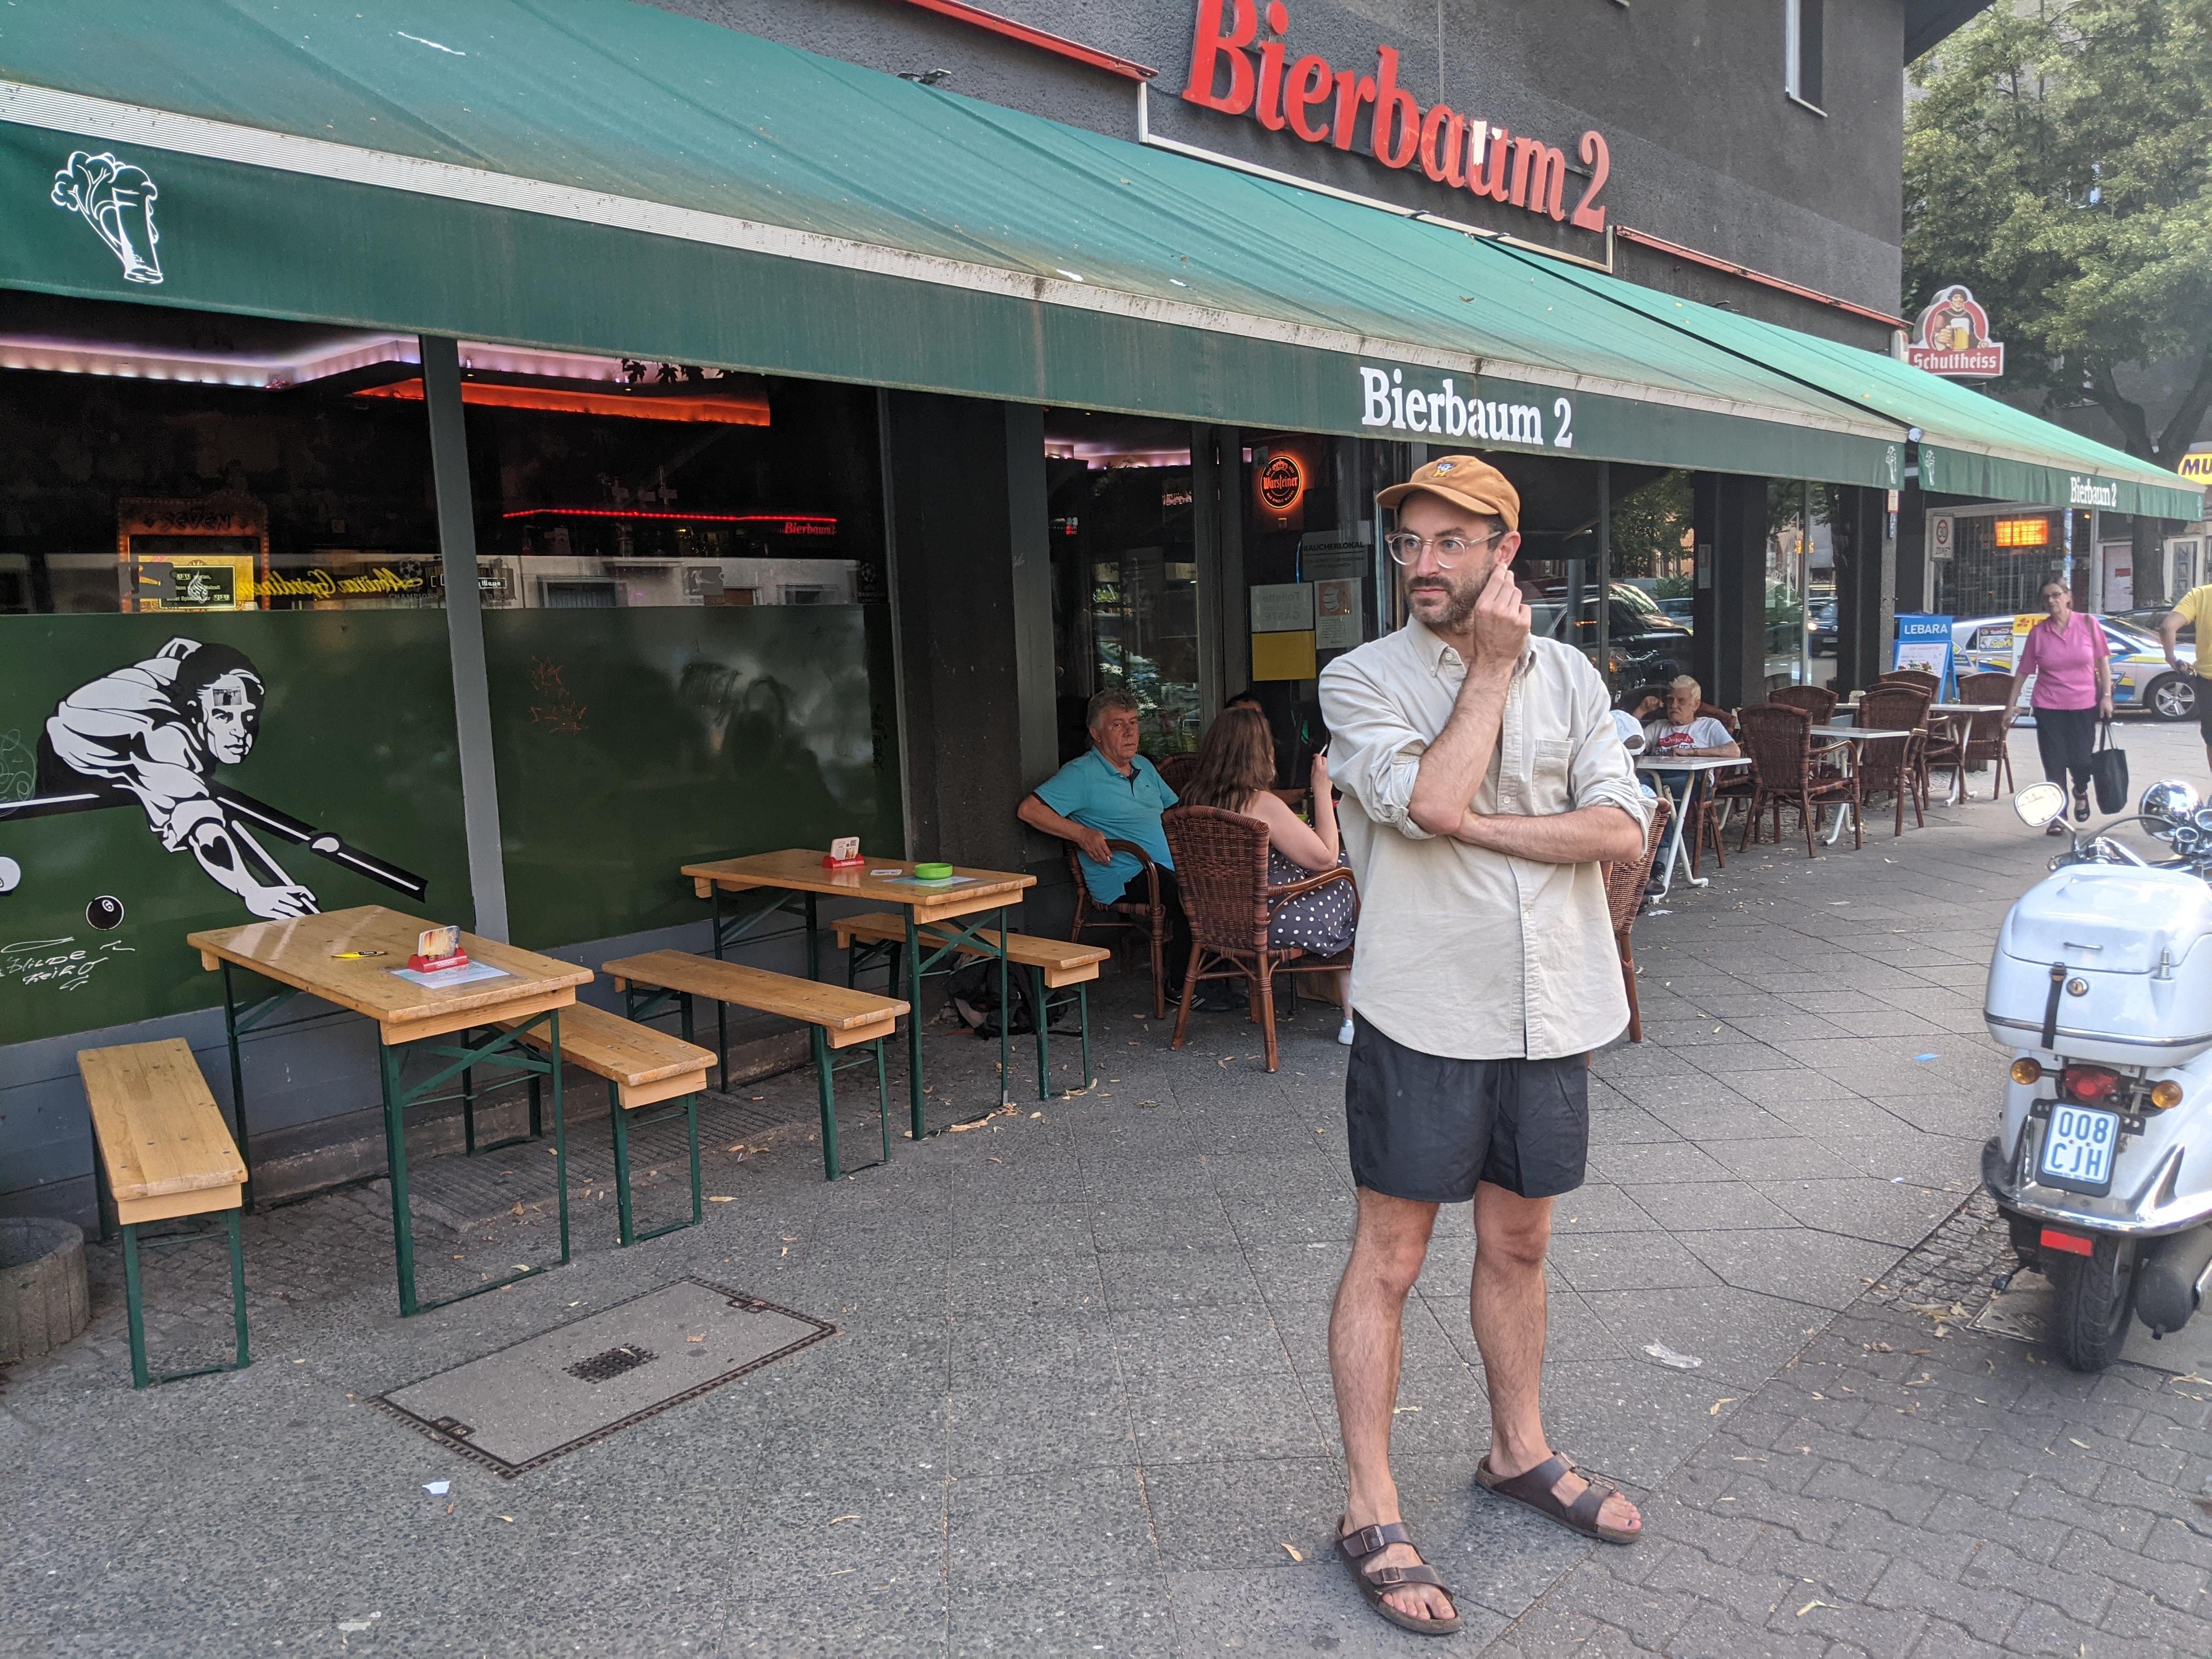 Bierbaum Jukebox